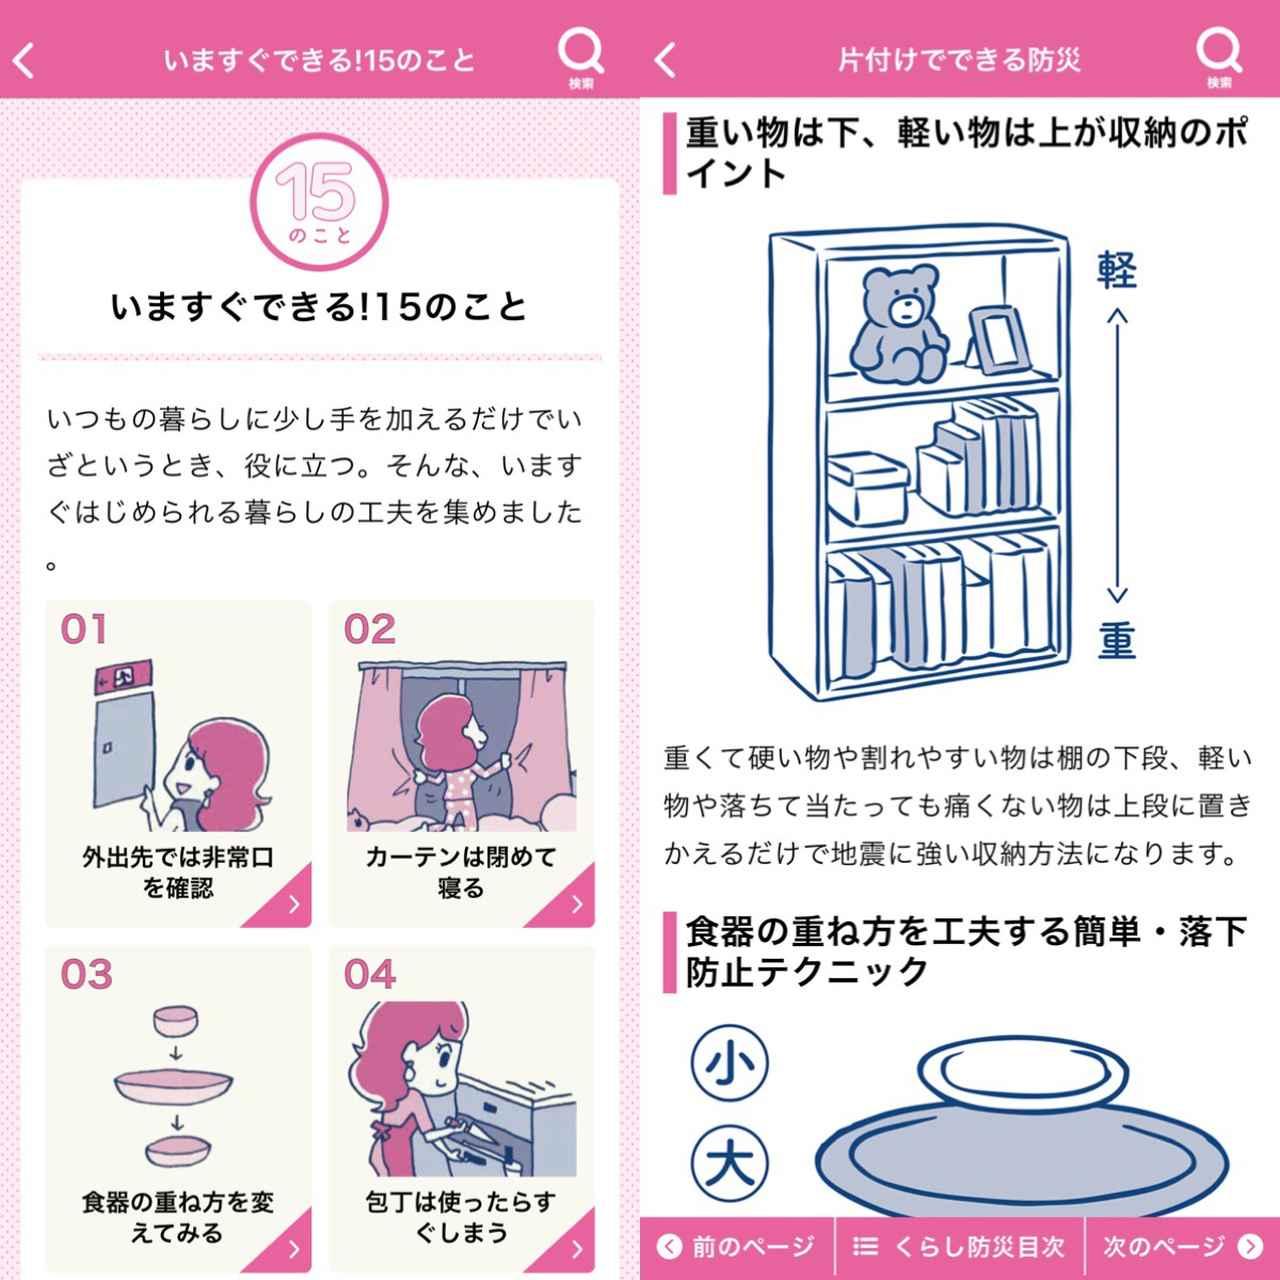 画像2: 「東京くらし防災モード」では生活の中でする防災を学べます。